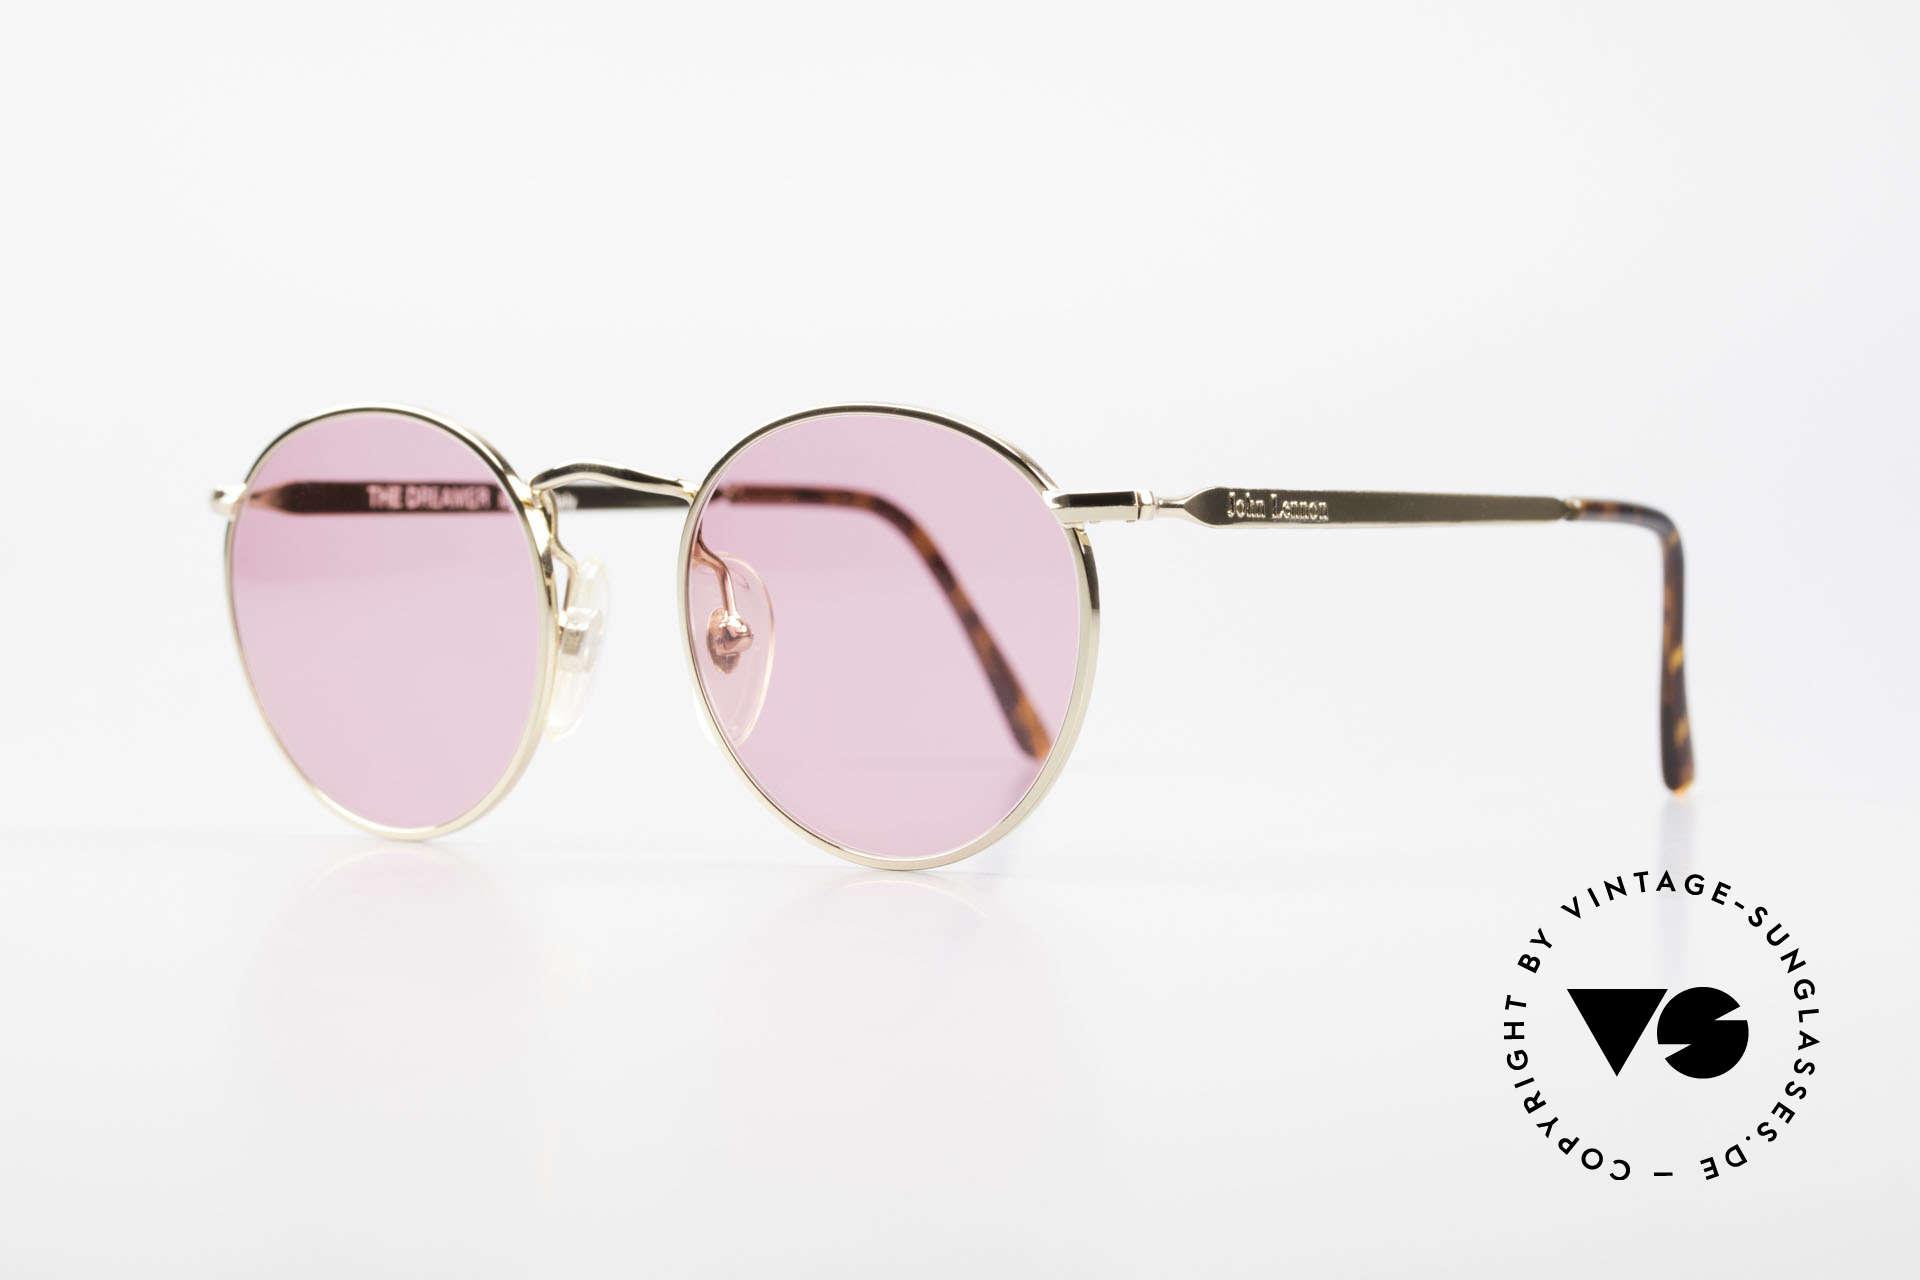 John Lennon - The Dreamer Die Rosarote Vintage Brille, benannt nach bekannten J. Lennon / Beatles Songs, Passend für Herren und Damen